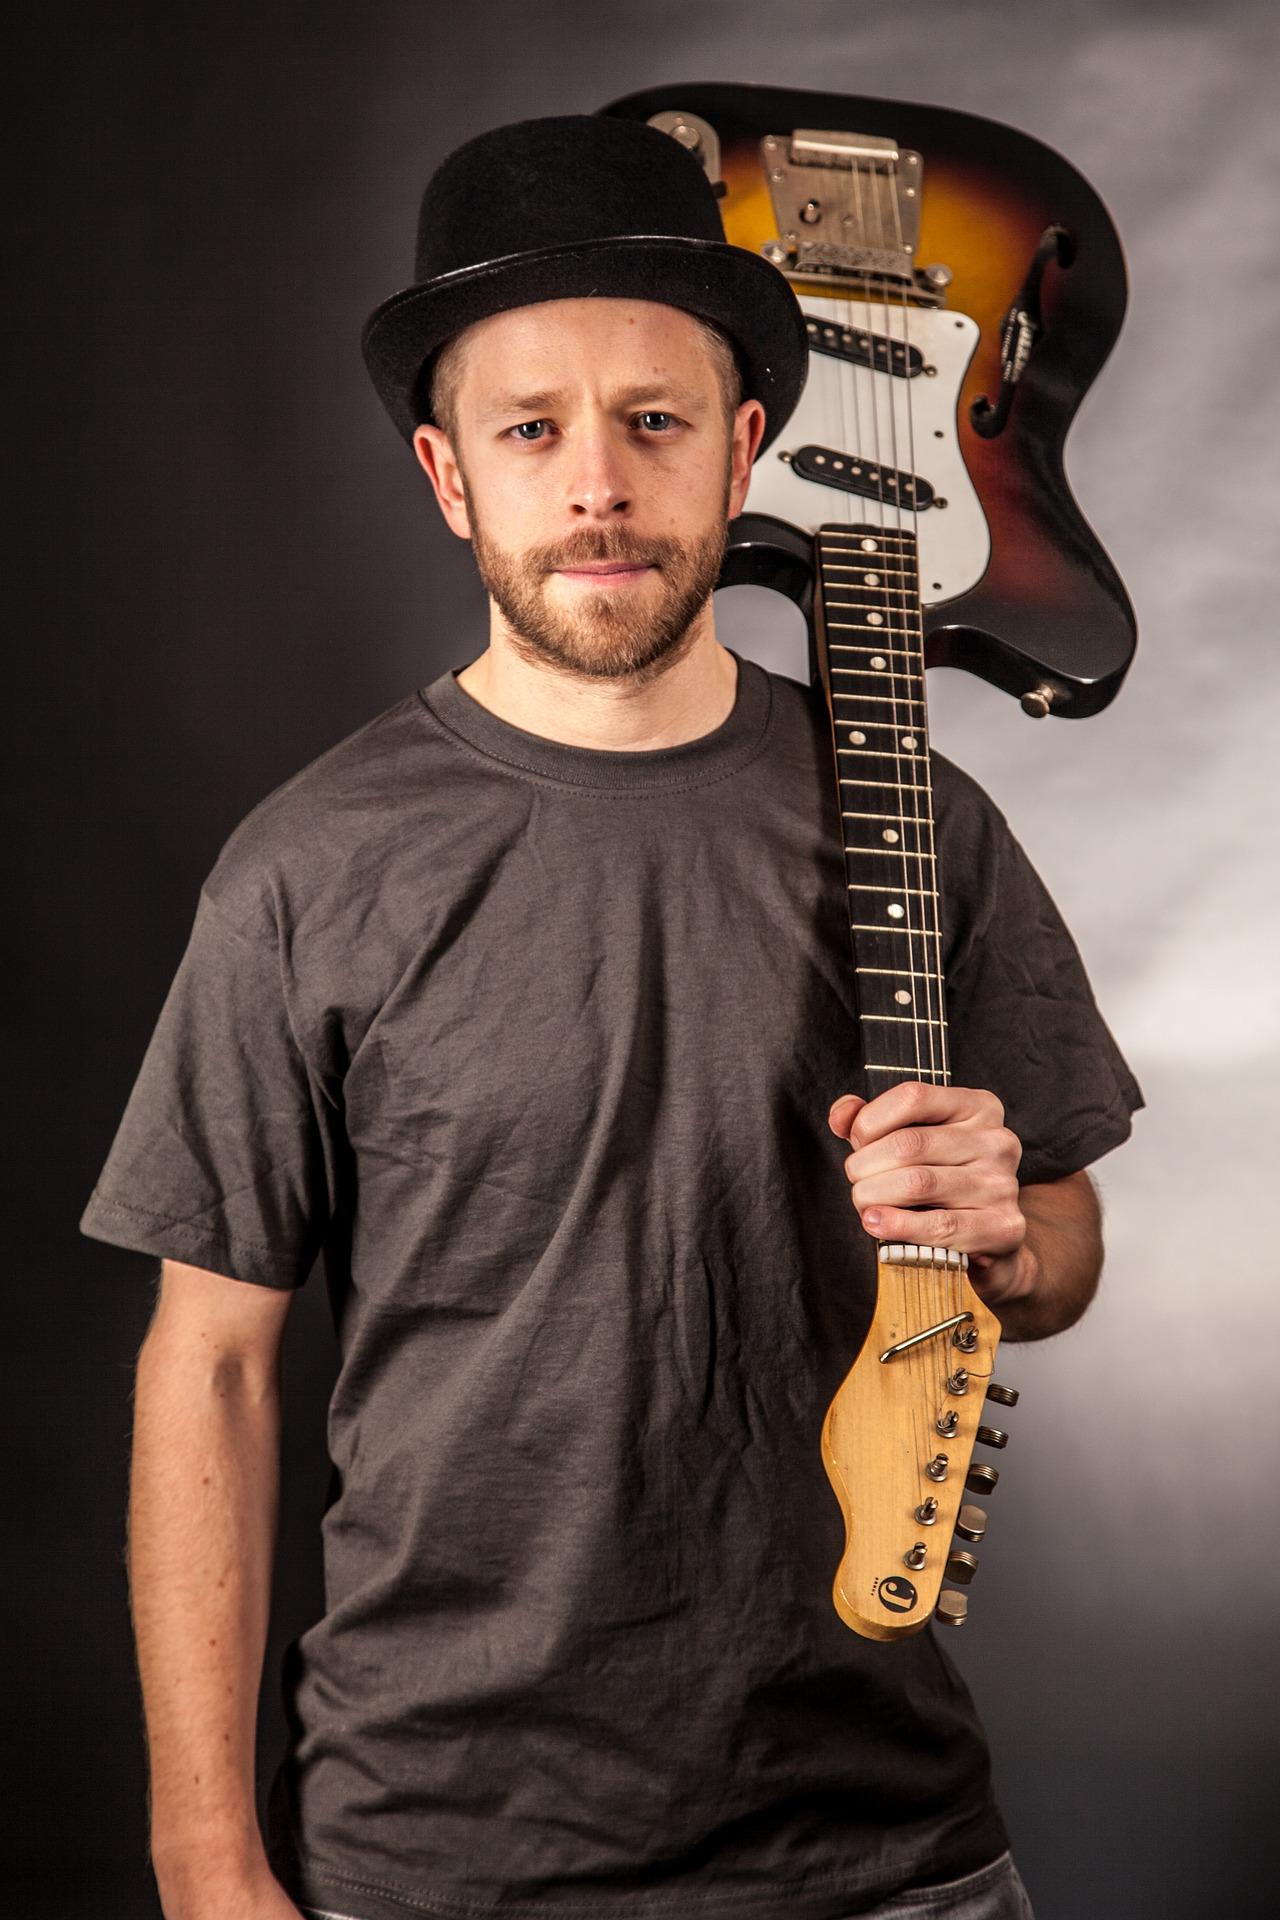 cours de guitare sur internet